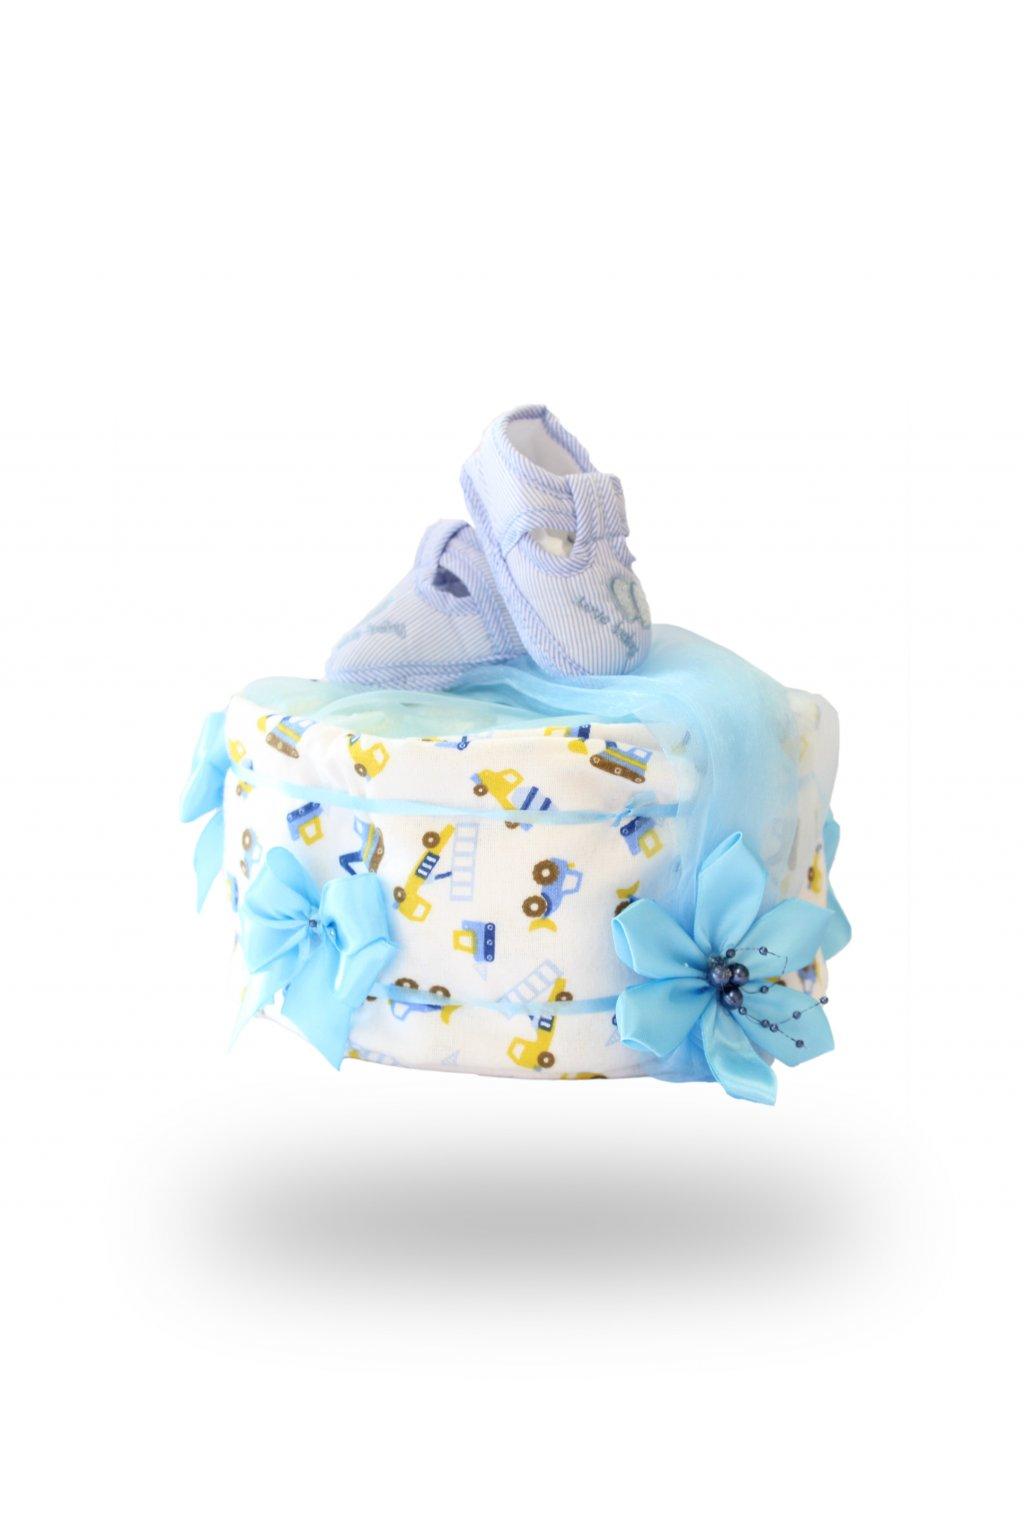 Jednopatrový plenkový dort pro kluky světle modrý